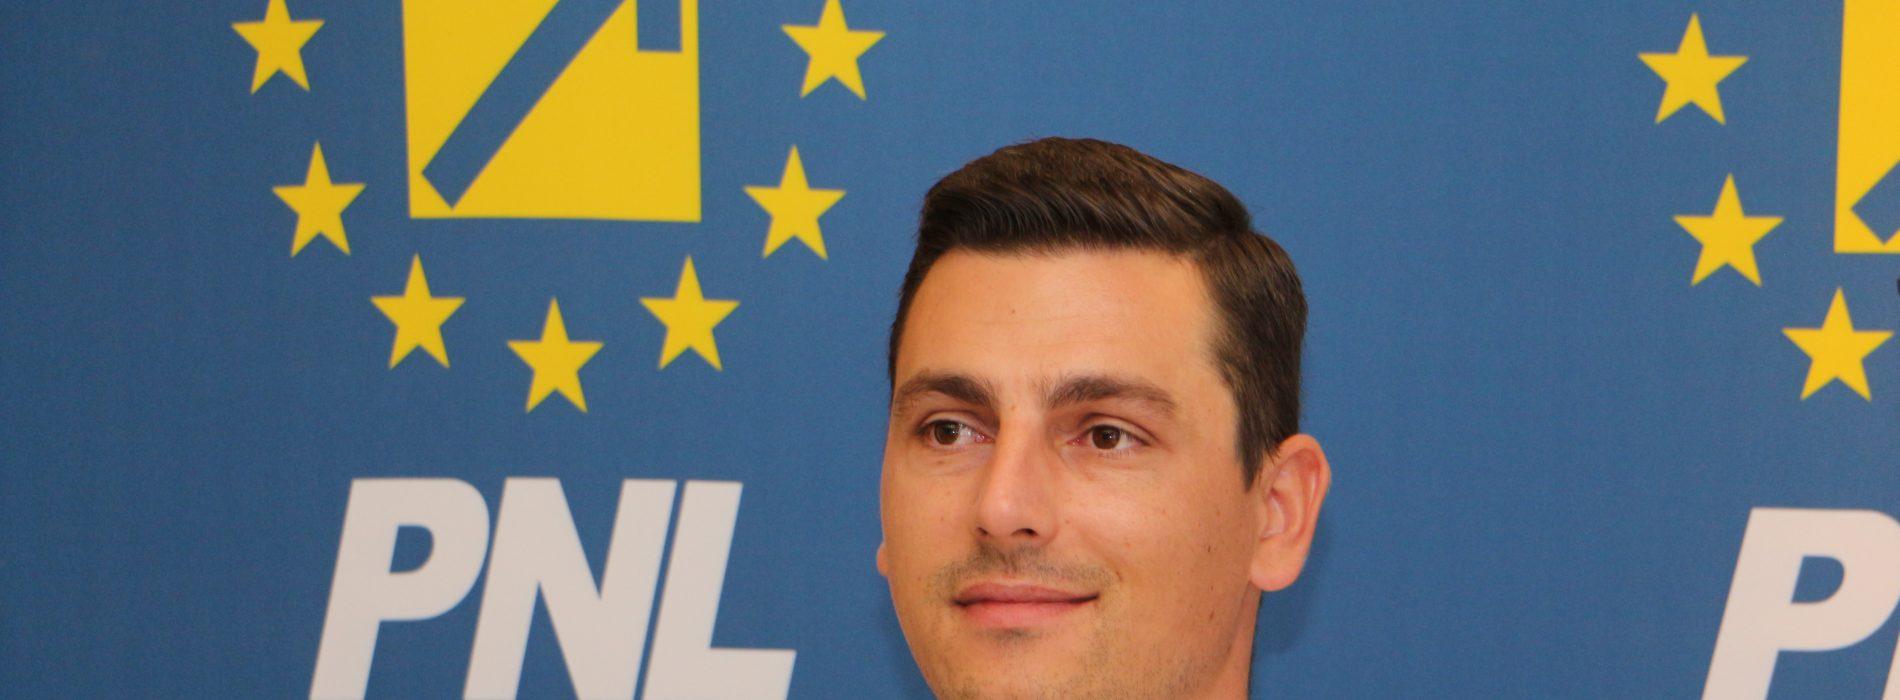 """Ionel Bogdan (PNL): """"Contul Junior, o ȘMECHERIE PESEDISTĂ prin care guvernul se finanțează direct de la populație, pe termen foarte lung, la o dobândă fixă pe circa 18 ani"""""""